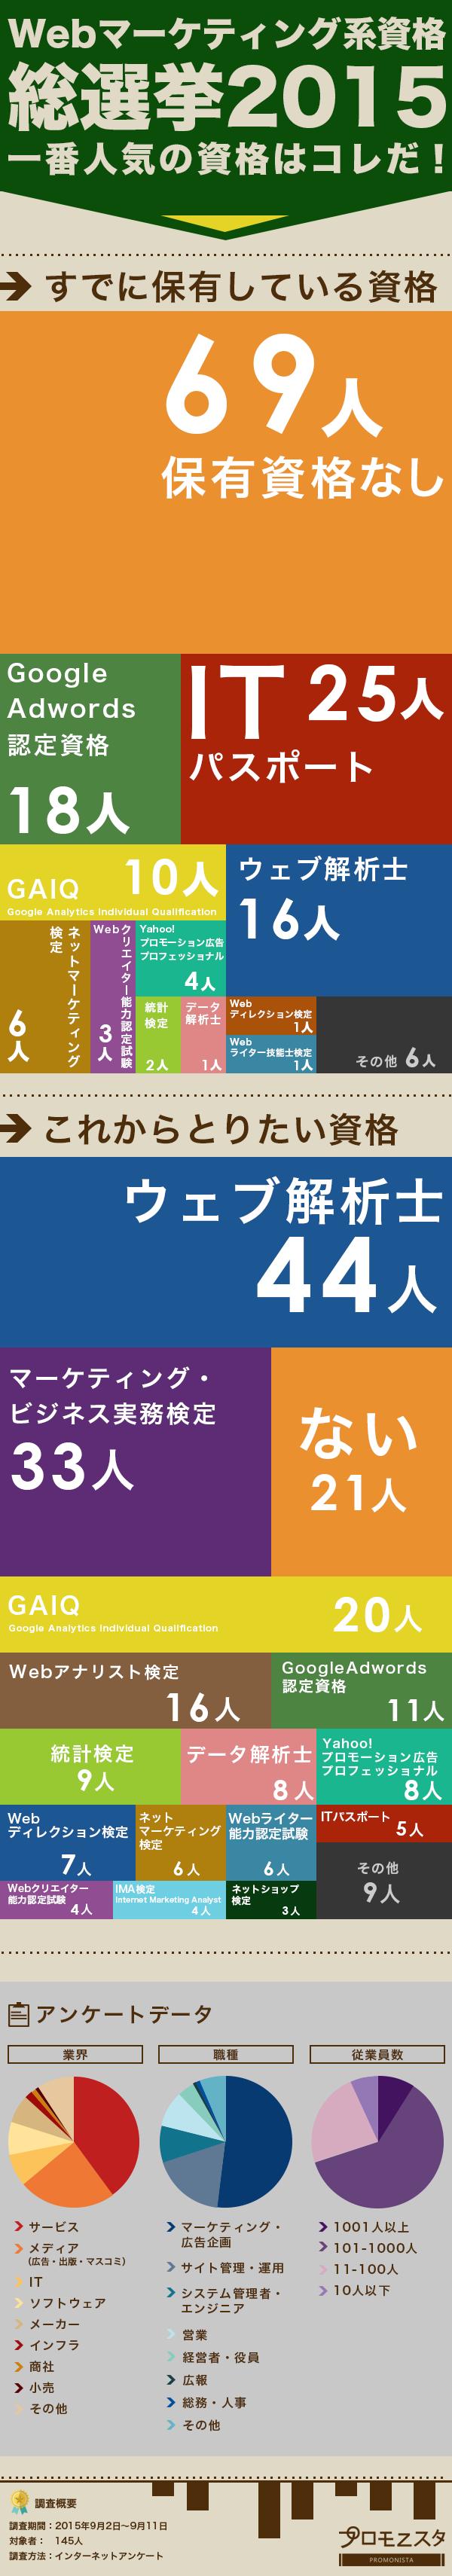 Webマーケ系人気資格アンケート